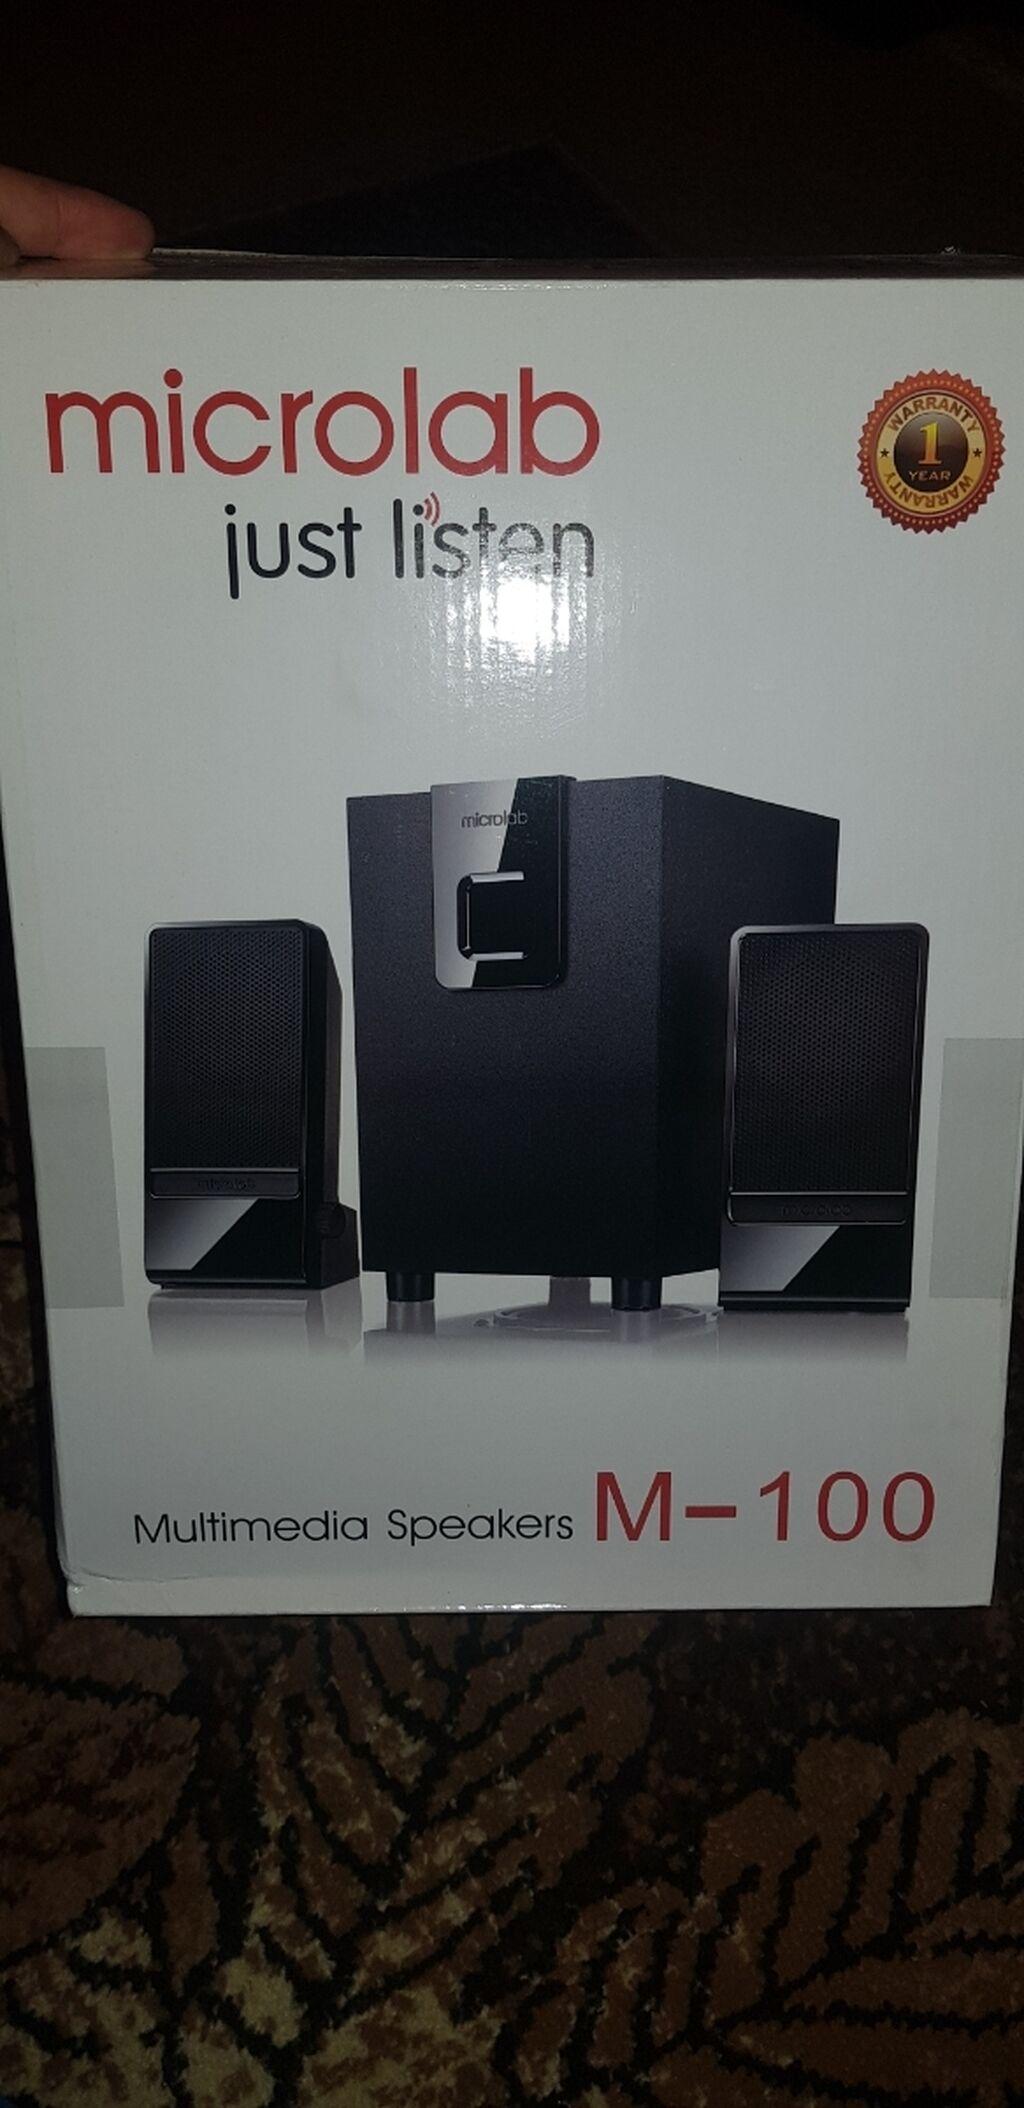 Колонки microlab m-100 новые обмен интересует: Колонки microlab m-100 новые обмен интересует